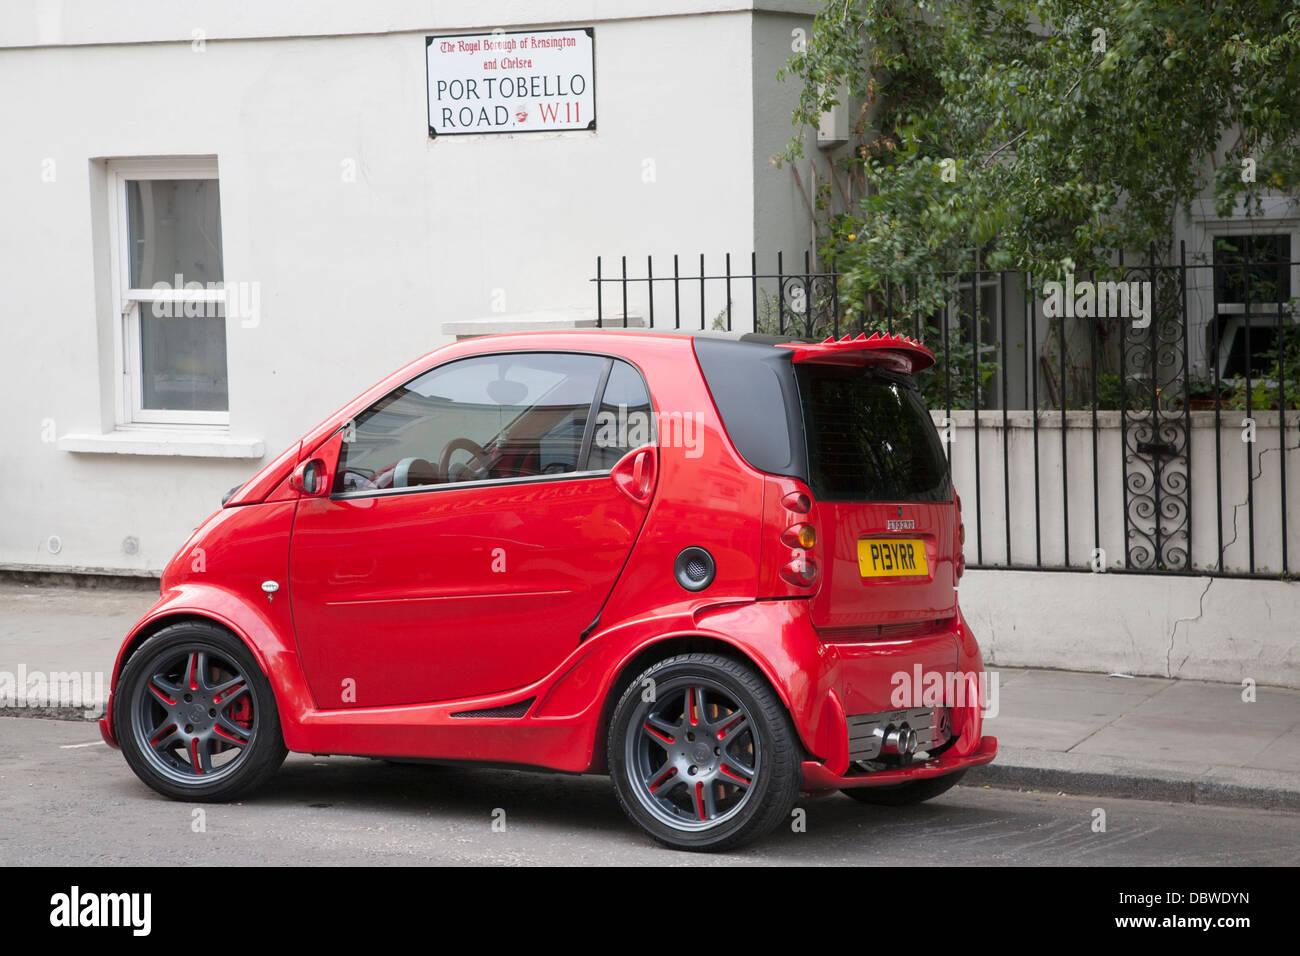 Roten Smart Als Ferrari In Der Portobello Road London England Vereinigtes Königreich Stockfotografie Alamy